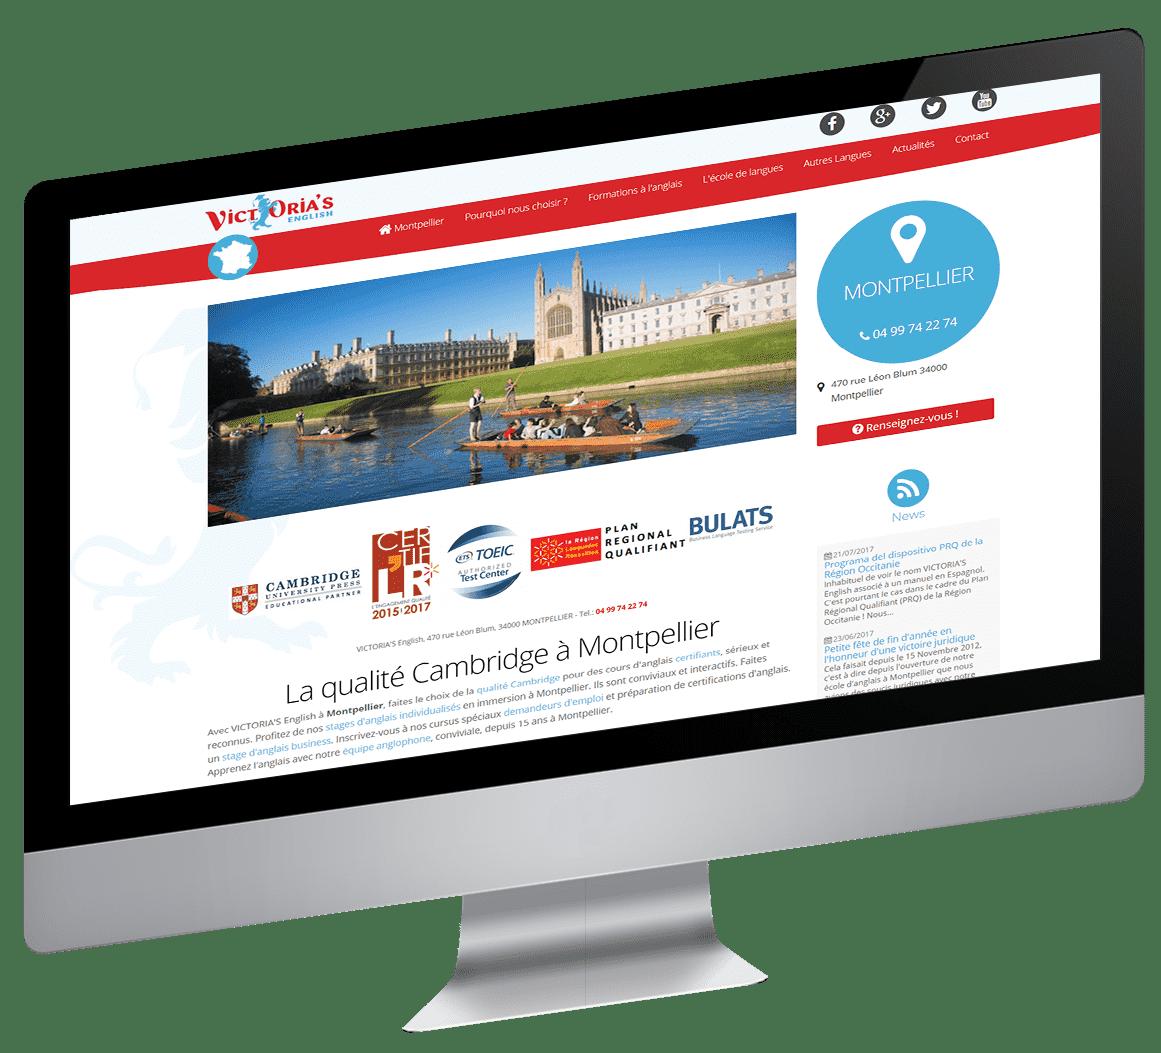 site montpellier.victorias.fr